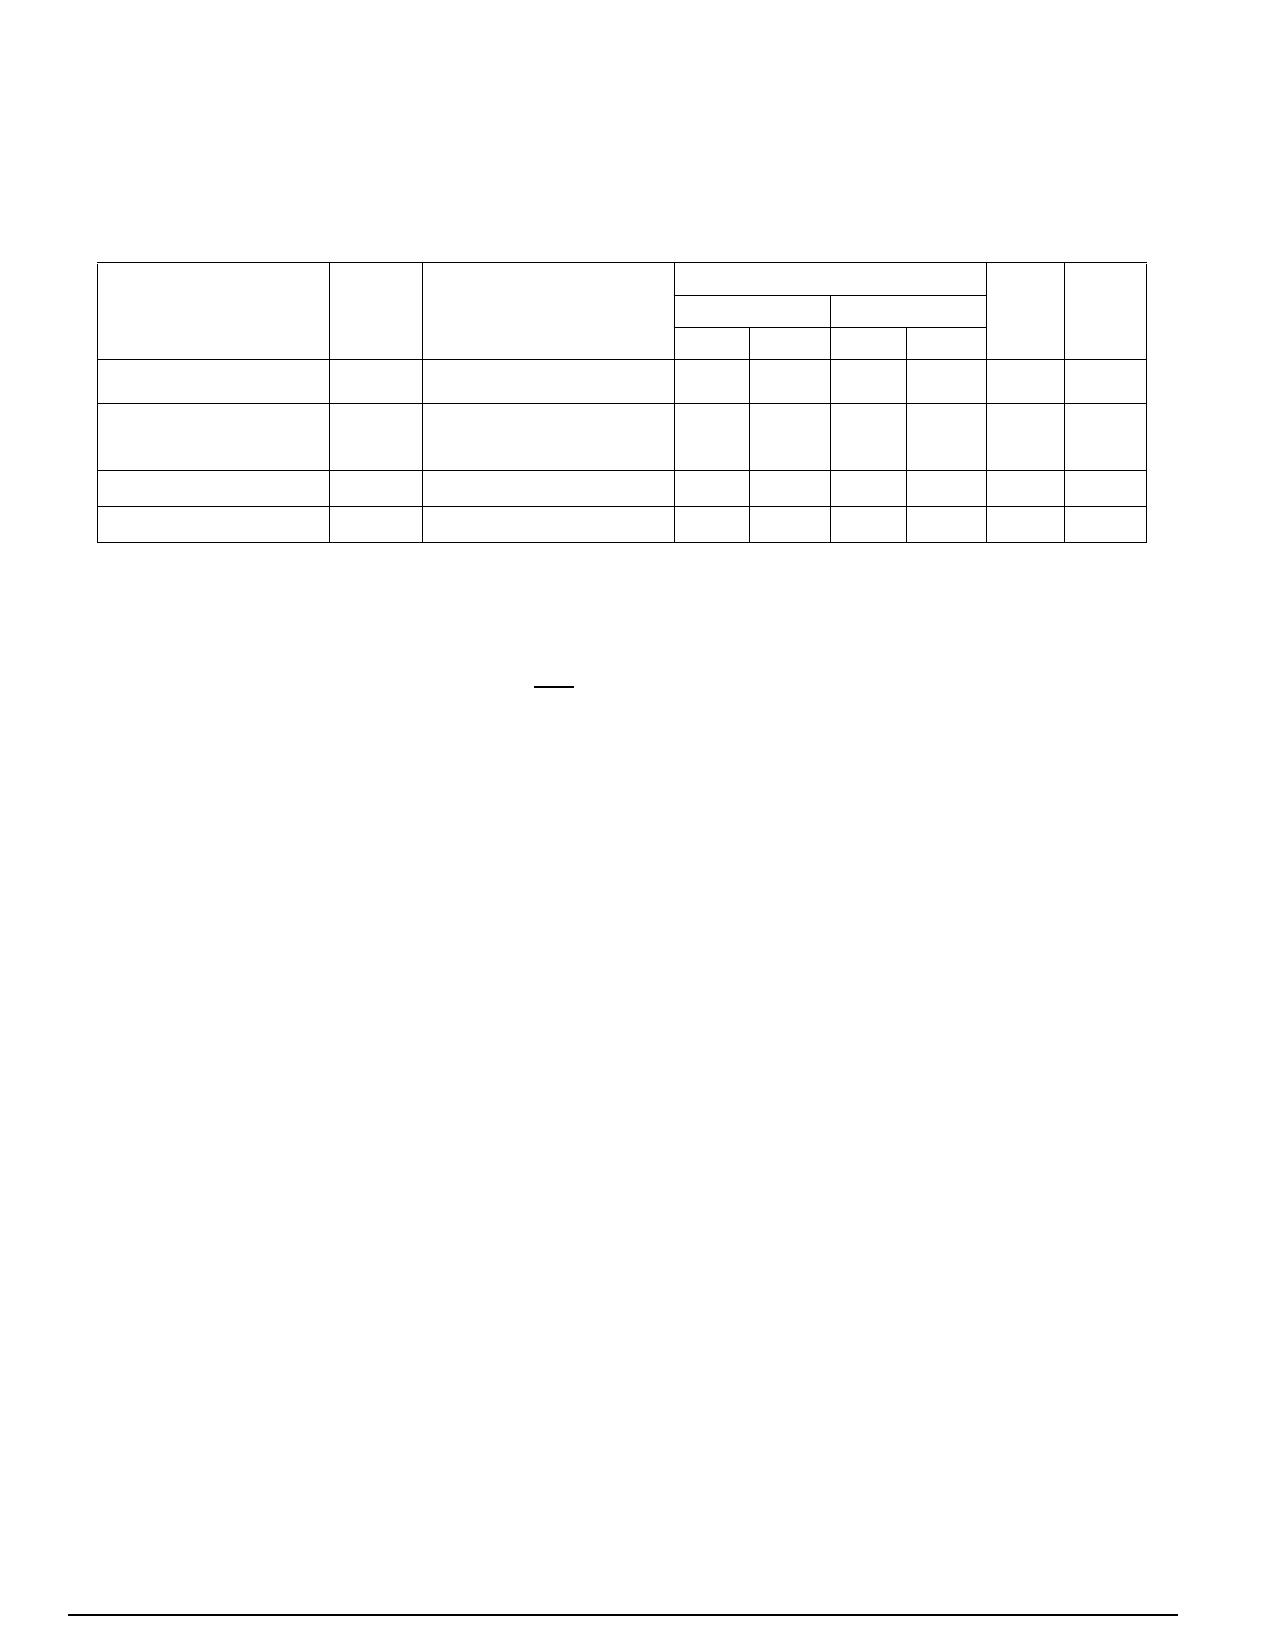 AD401M84VSA-5 diode, scr